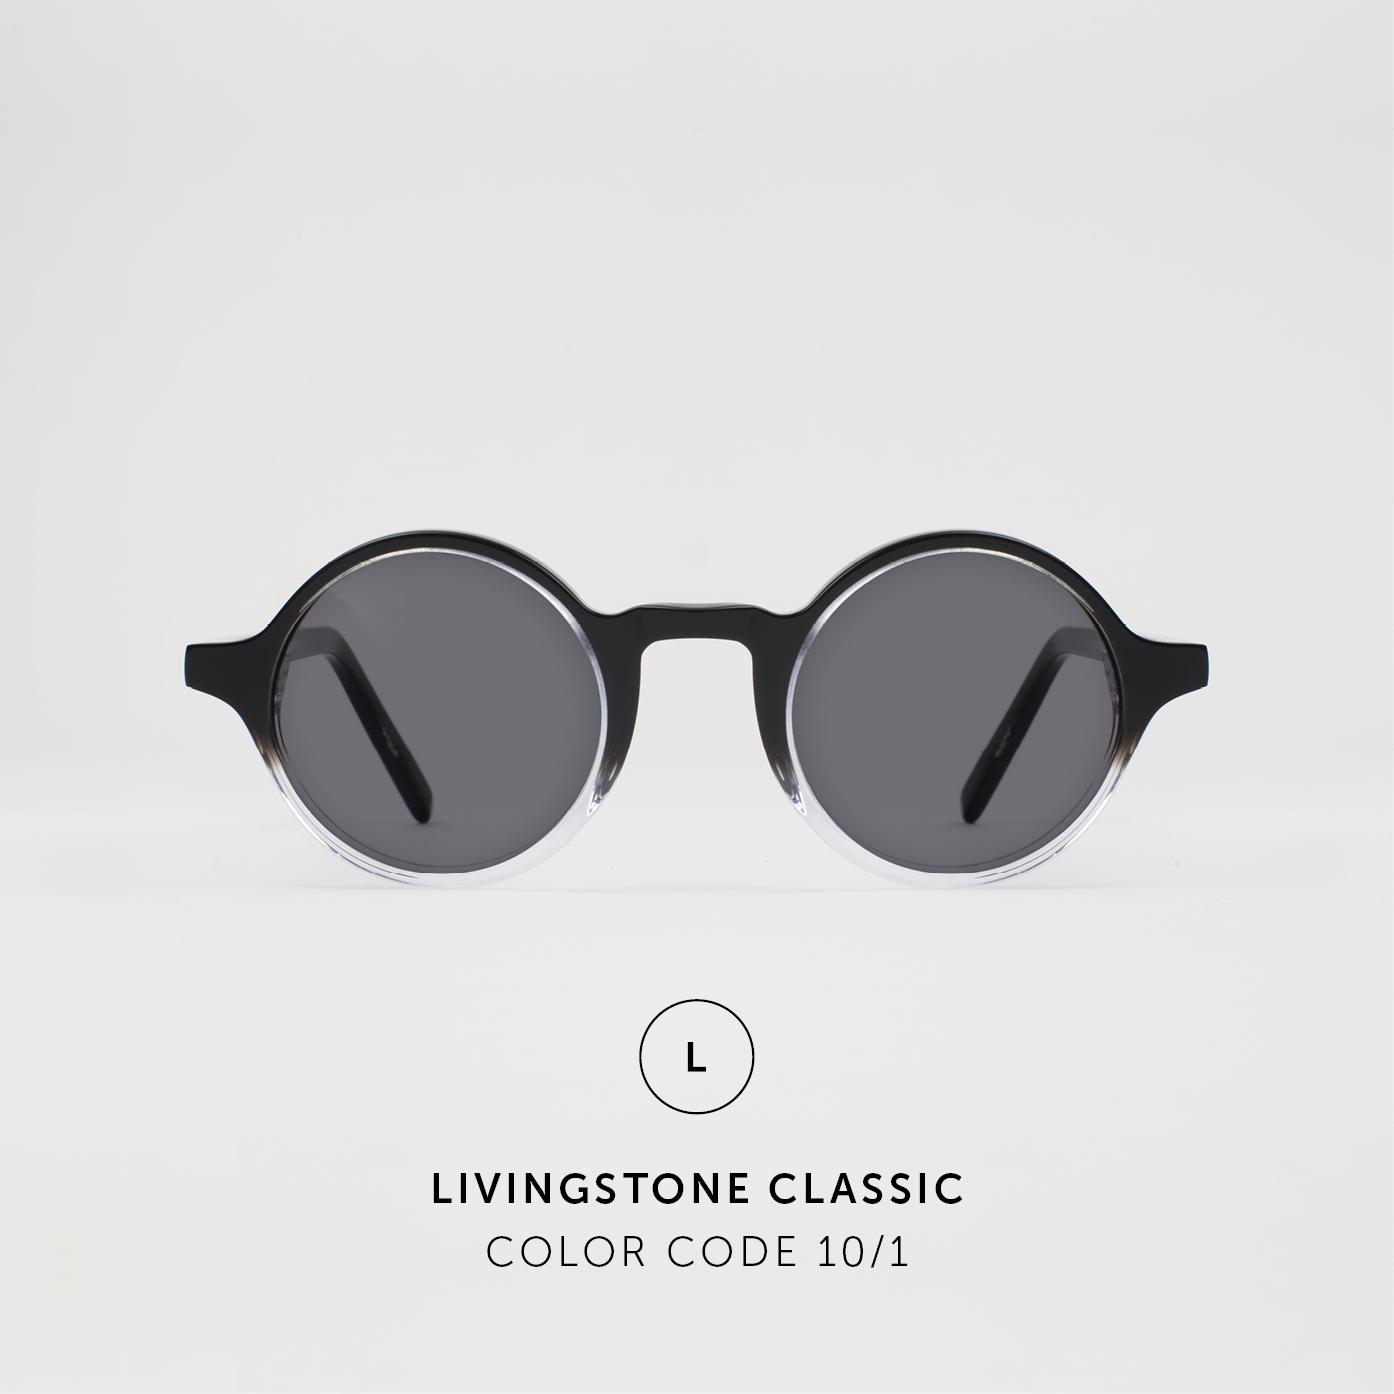 LivingstoneClassic46.jpg